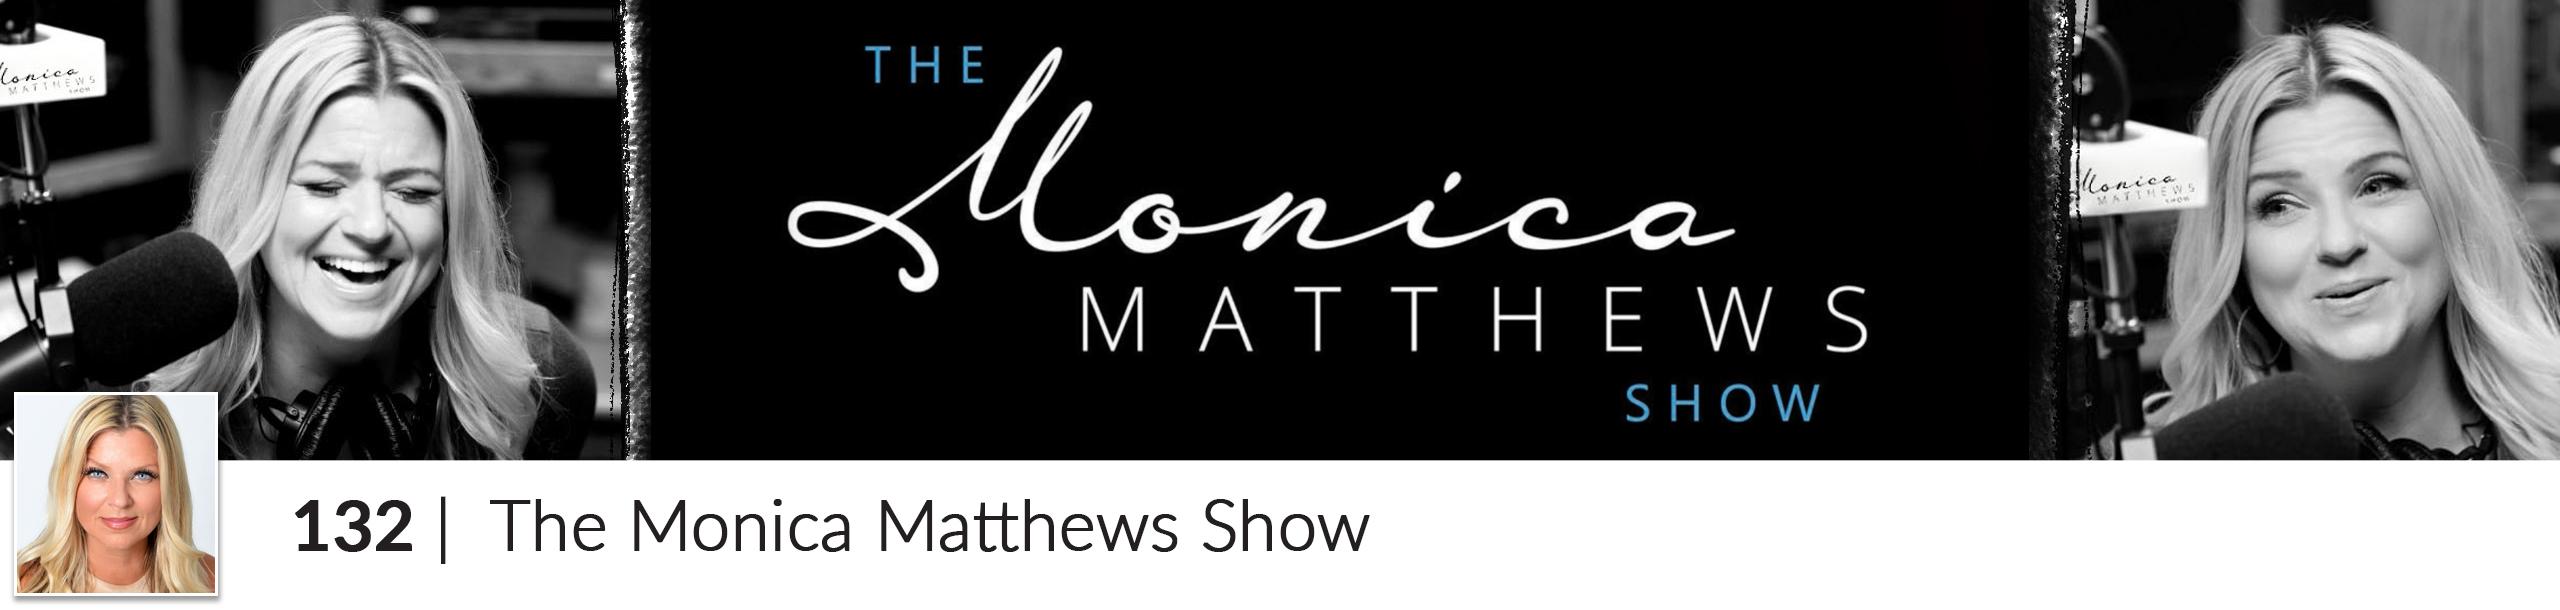 monica_matthews_header1